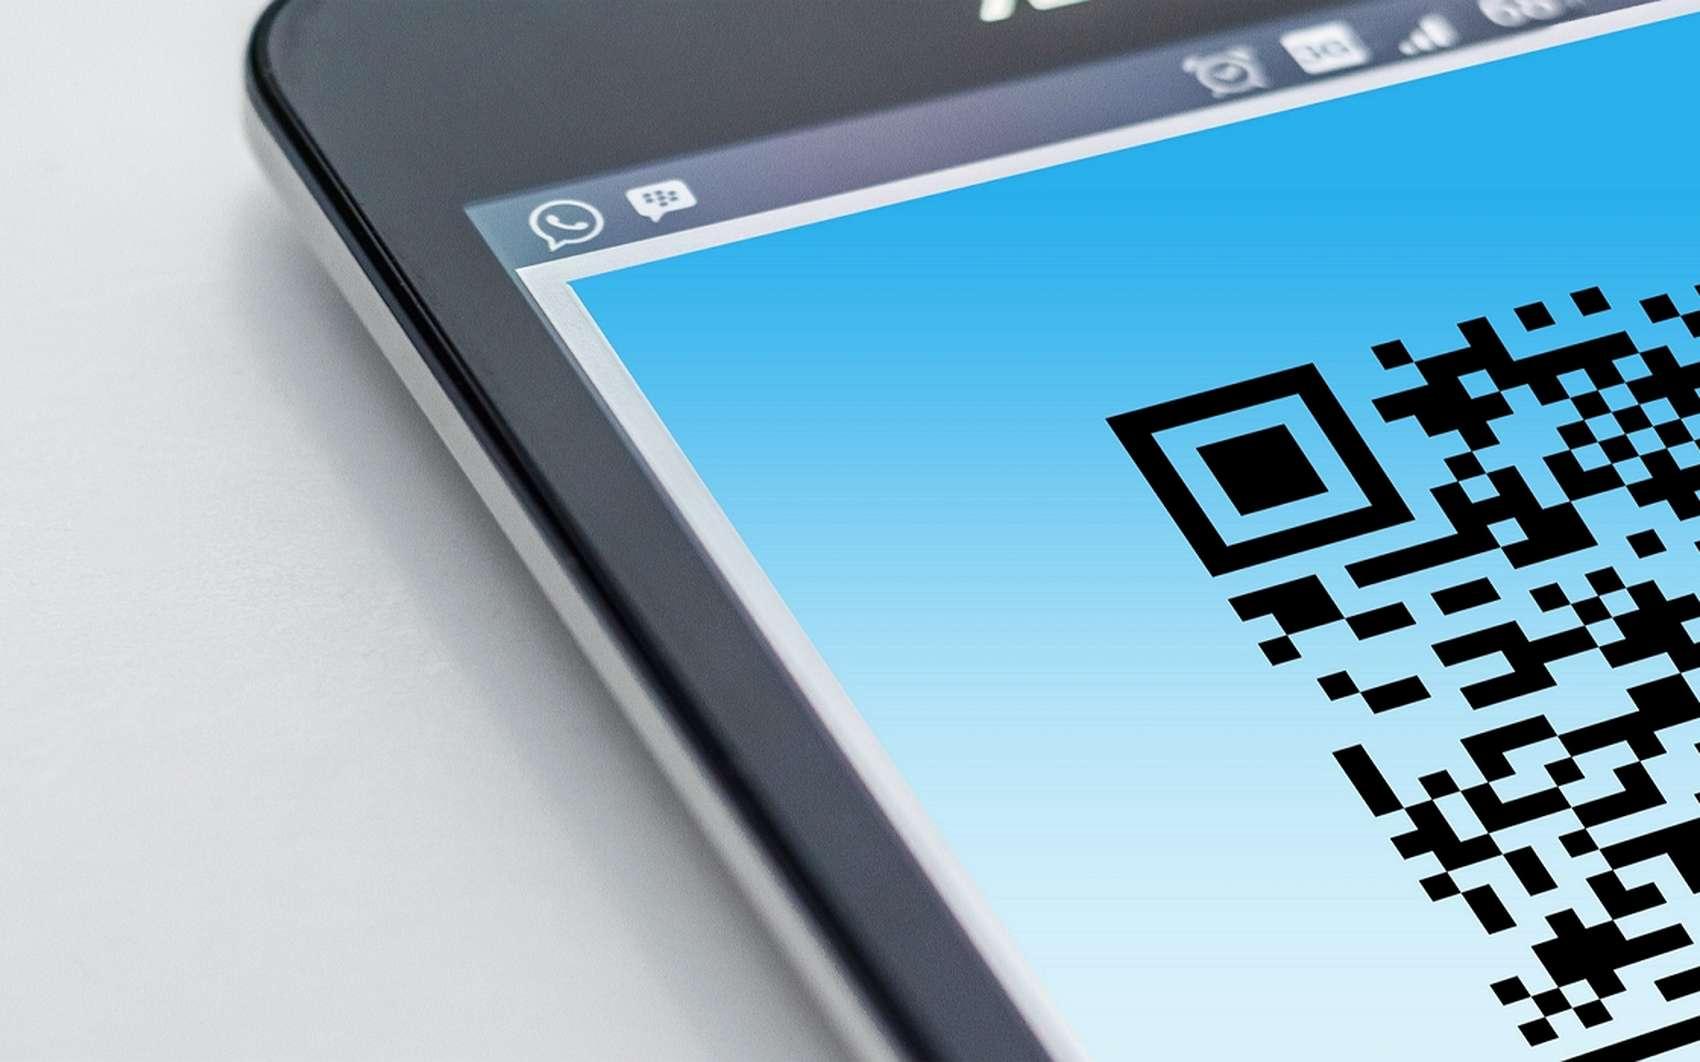 Futura vous explique comment partager facilement son Wi-Fi avec ses proches. © pxhere.com